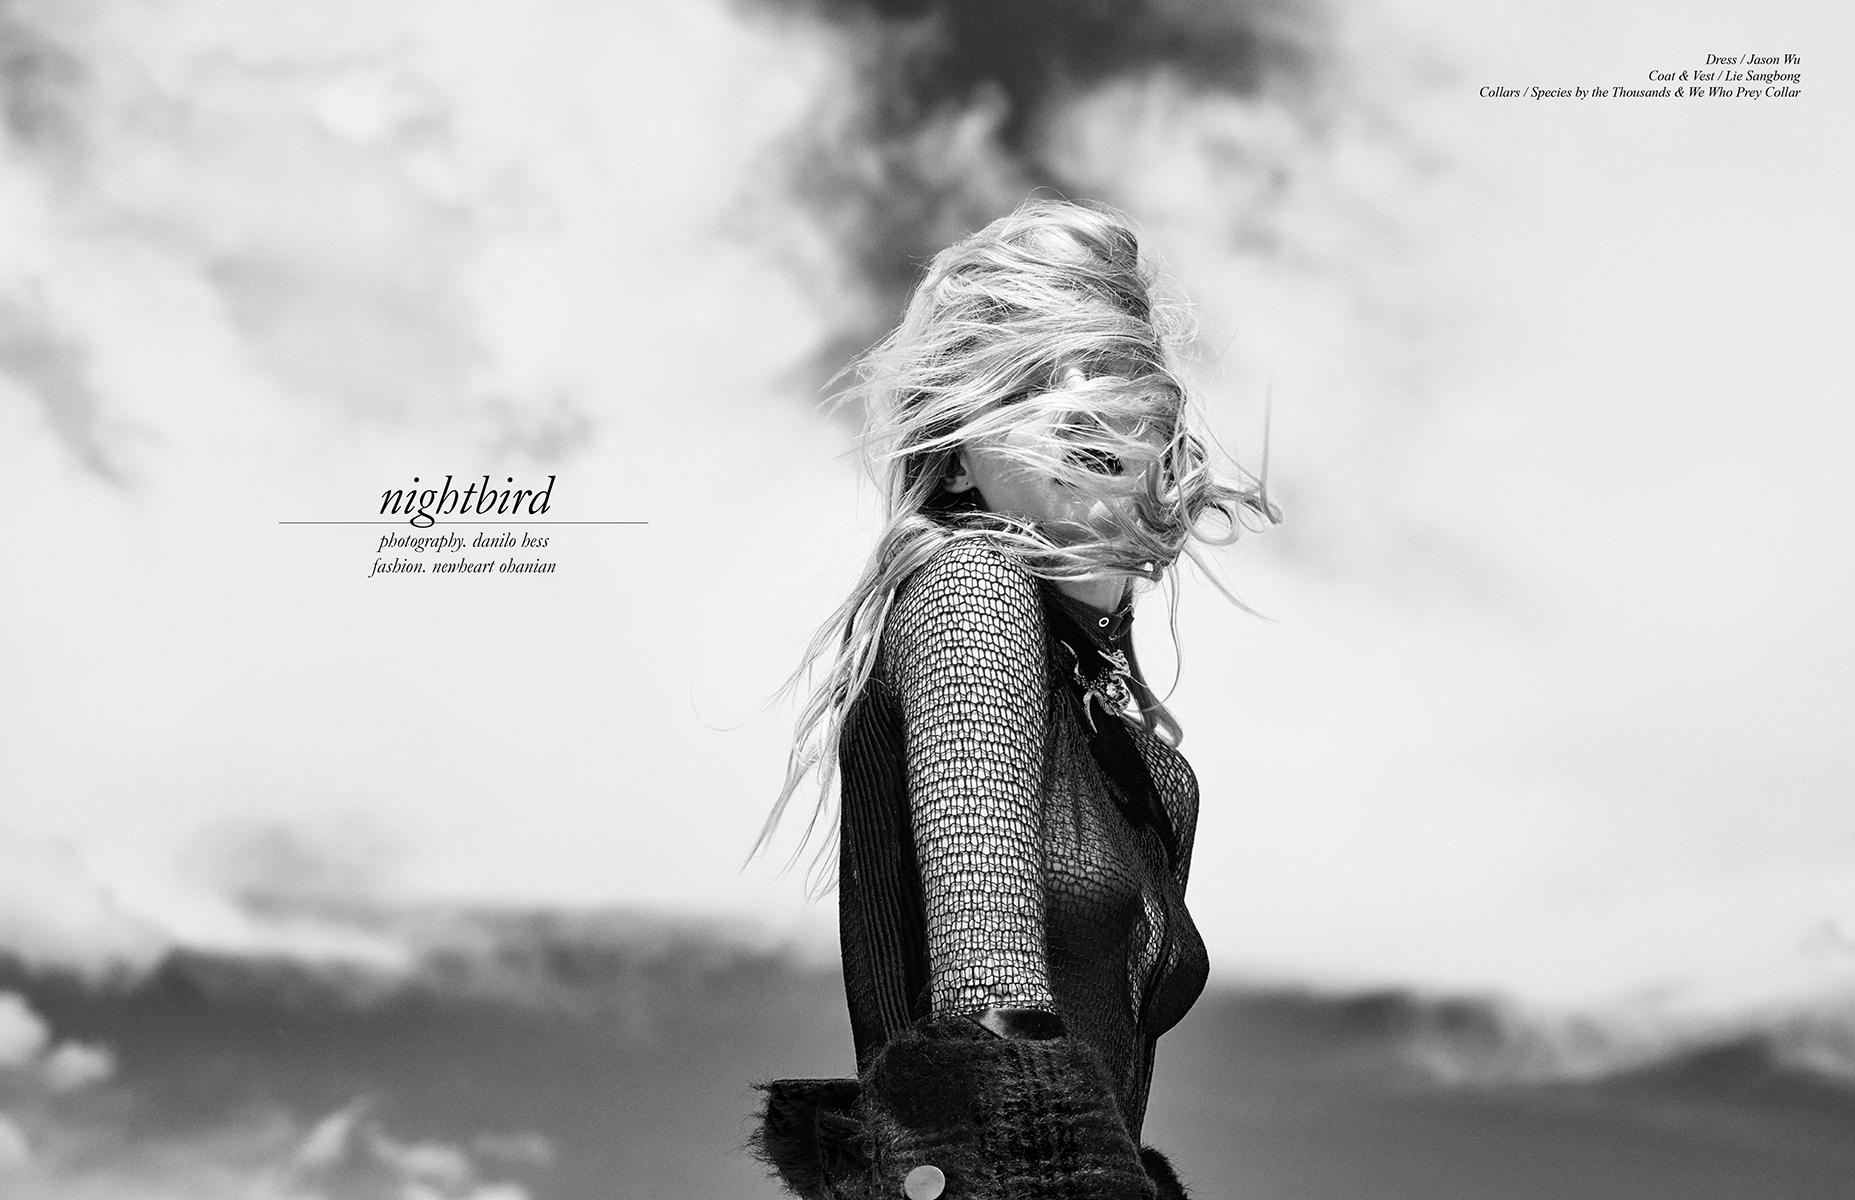 Schon_Magazine_Nightbird-1